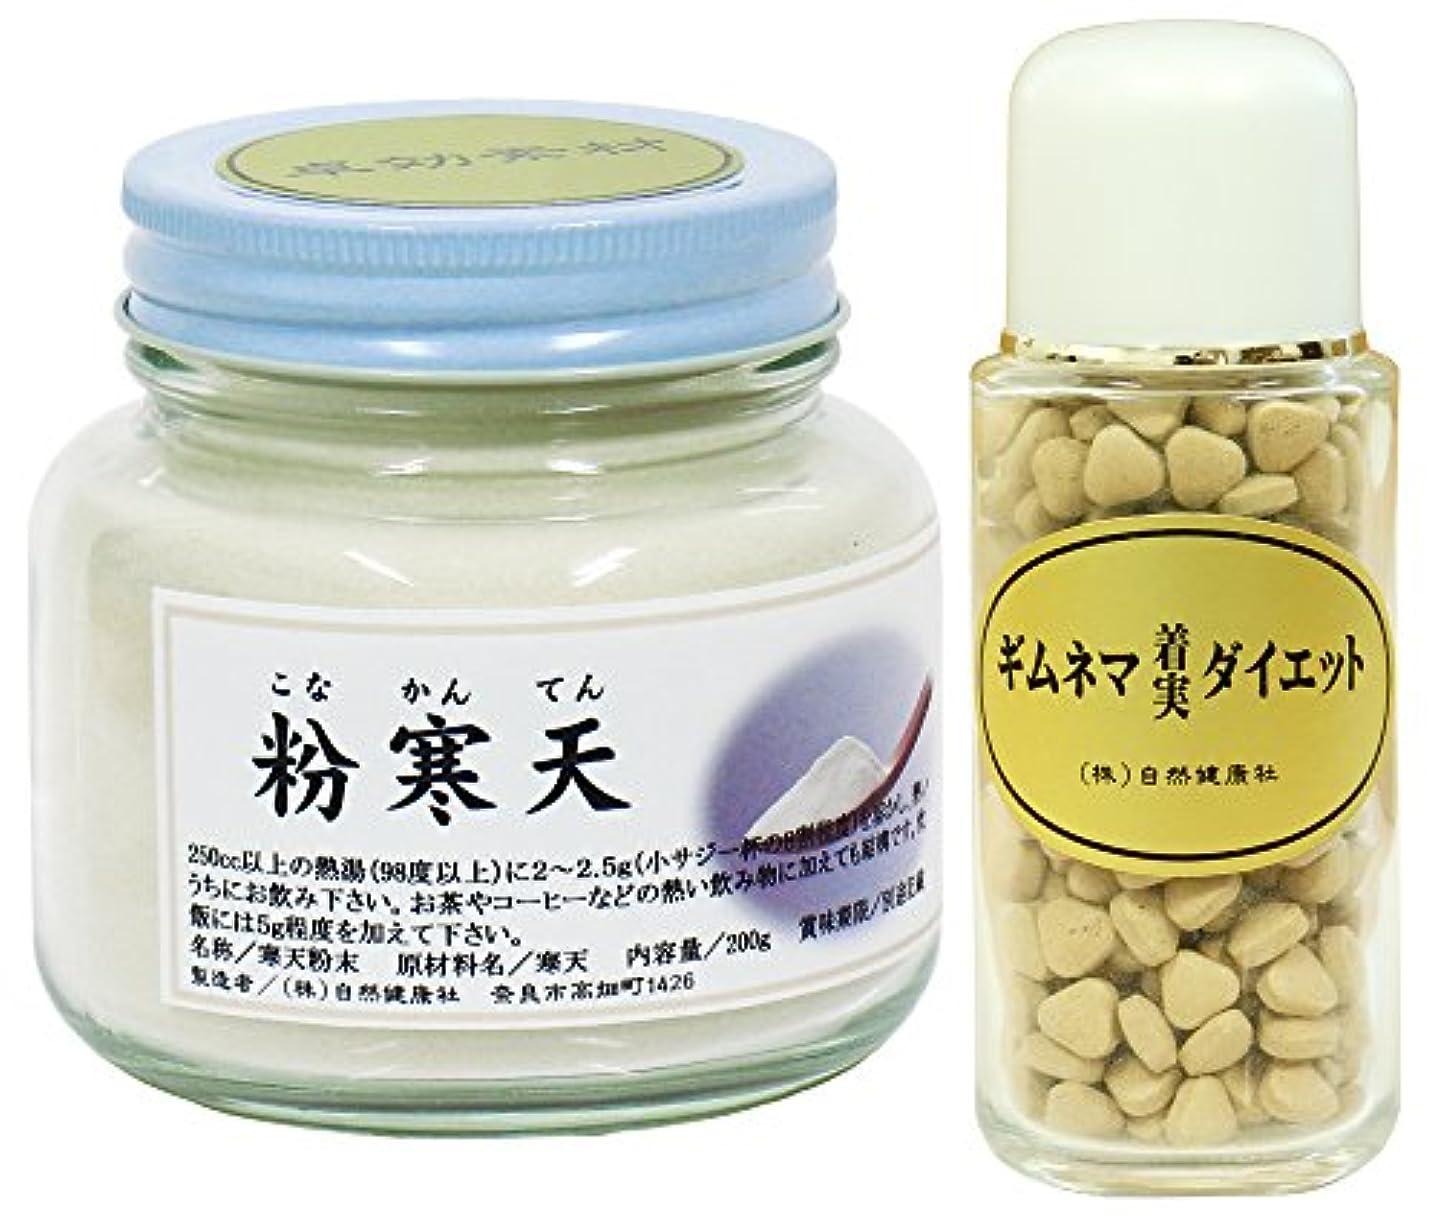 品種スクリーチ工業化する自然健康社 国産粉寒天 200g + ギムネマダイエット 90g